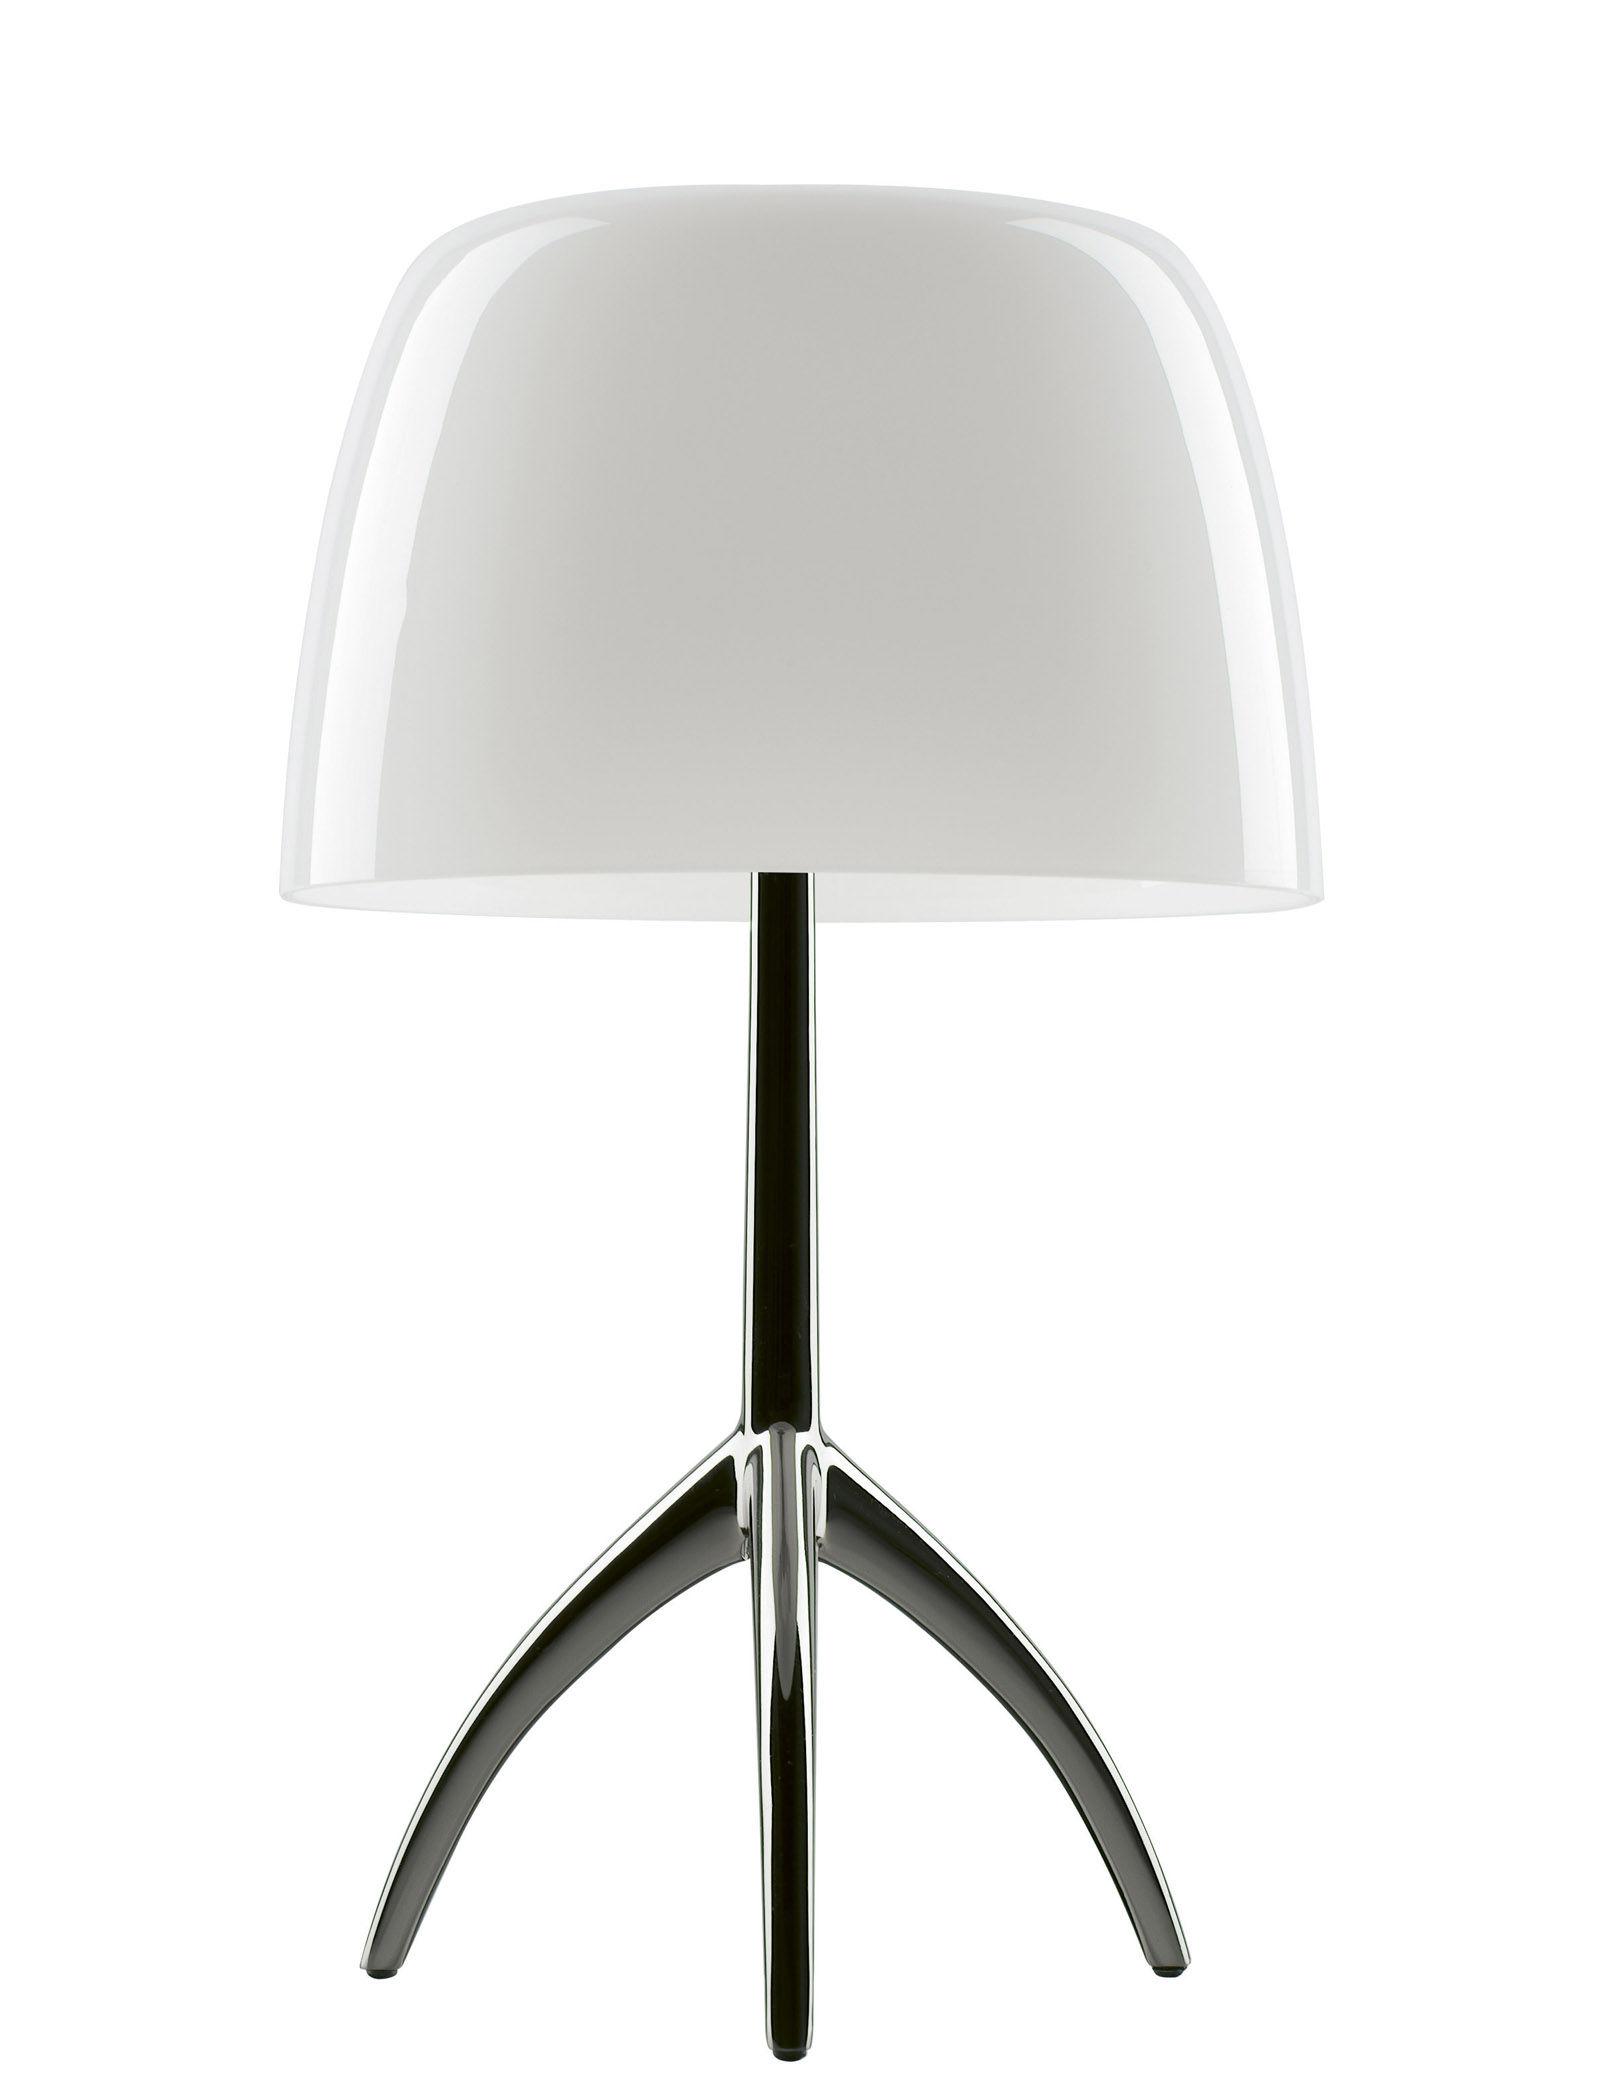 H Piccola Foscarini Lumière Cm De Table Variateur 35 Lampe qVpGLzSUM